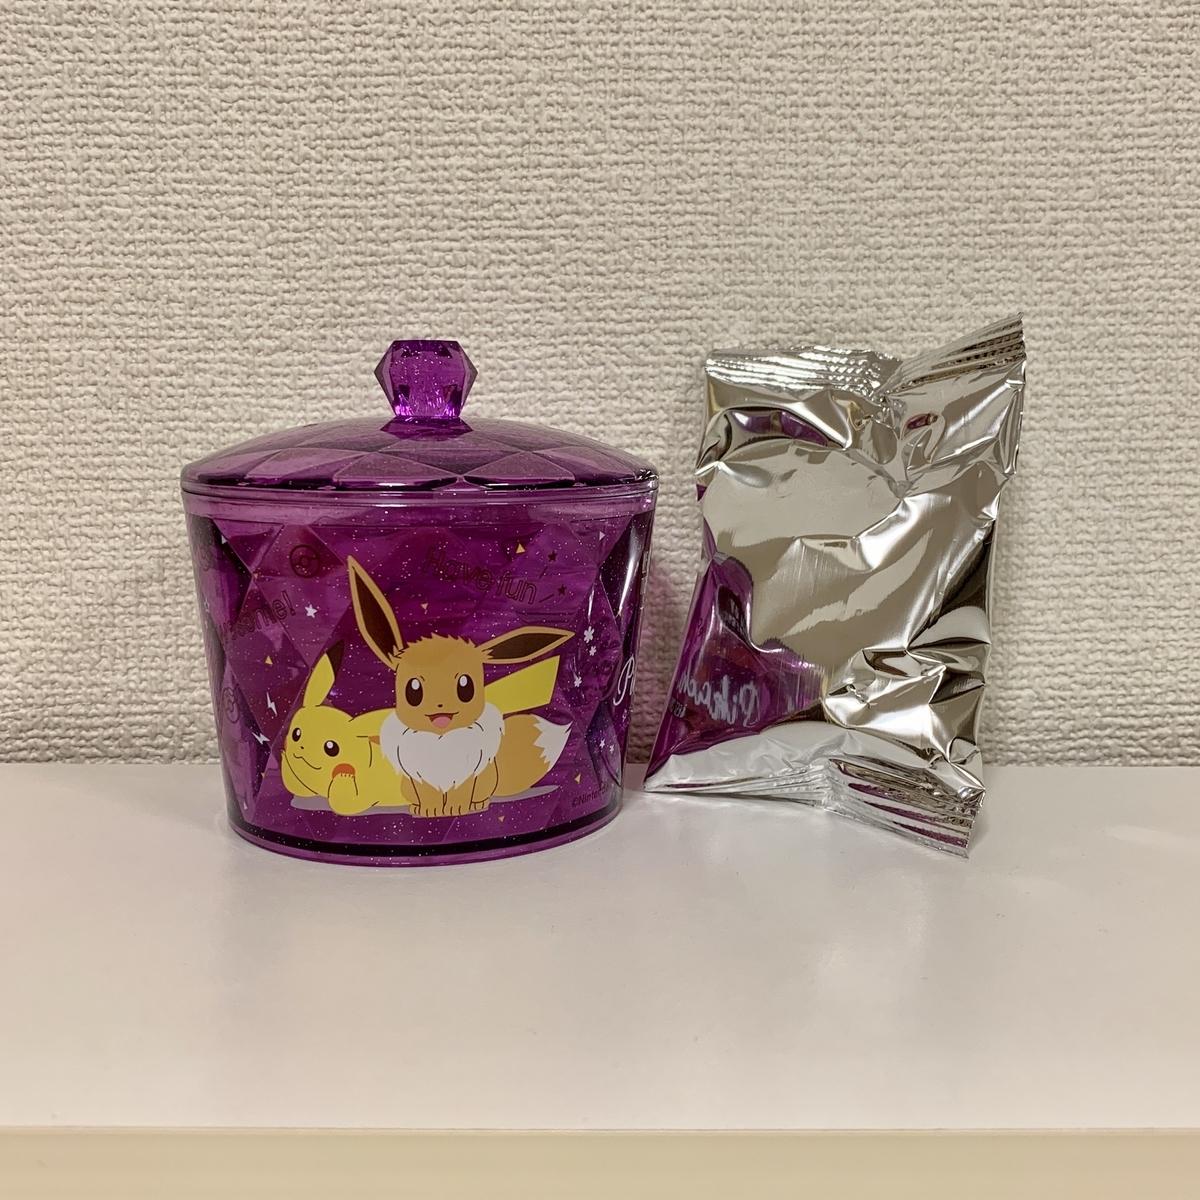 f:id:pikachu_pcn:20200223201425j:plain